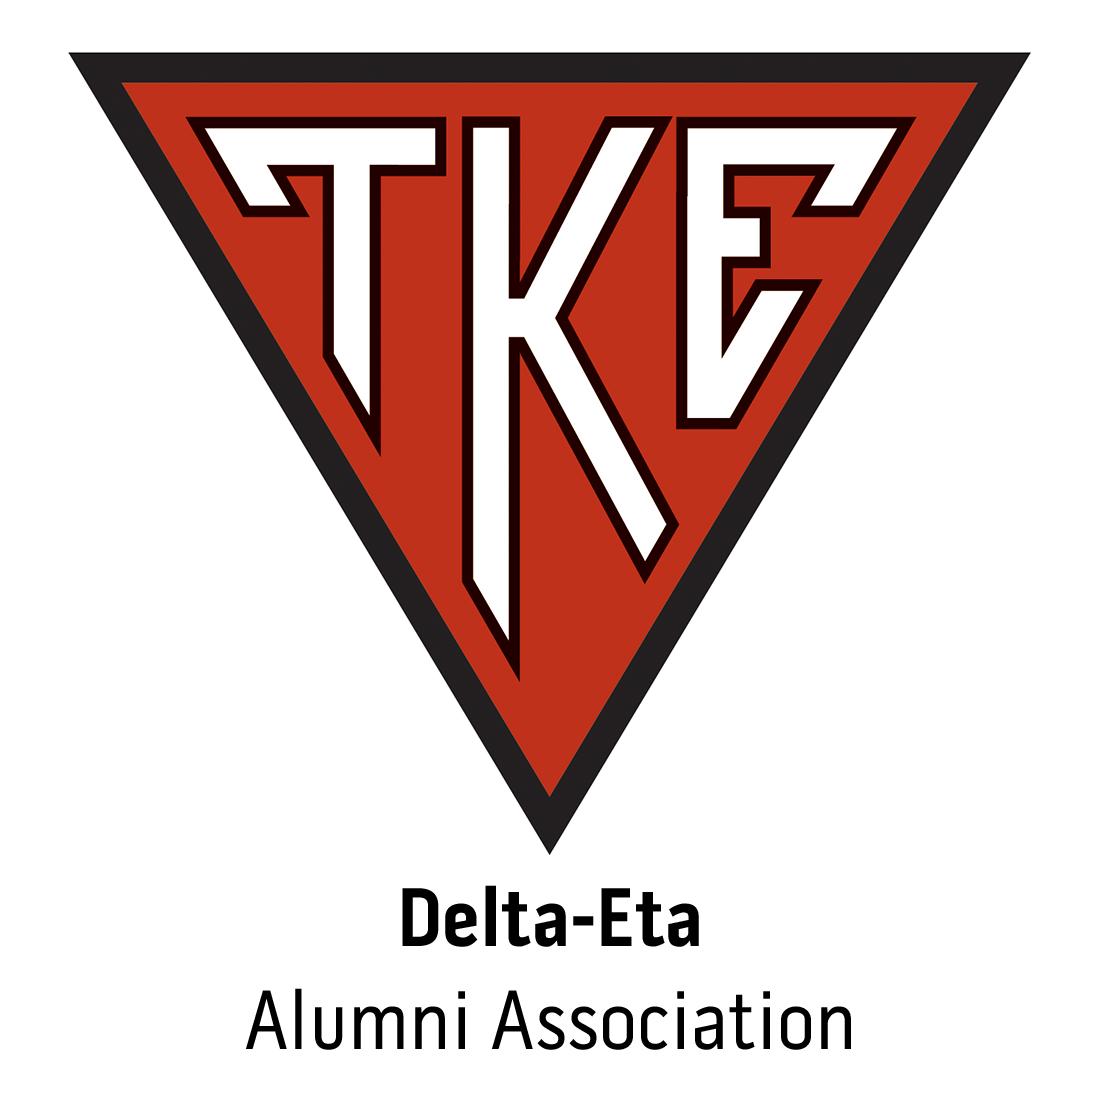 Delta-Eta Alumni Association at Northern Illinois University